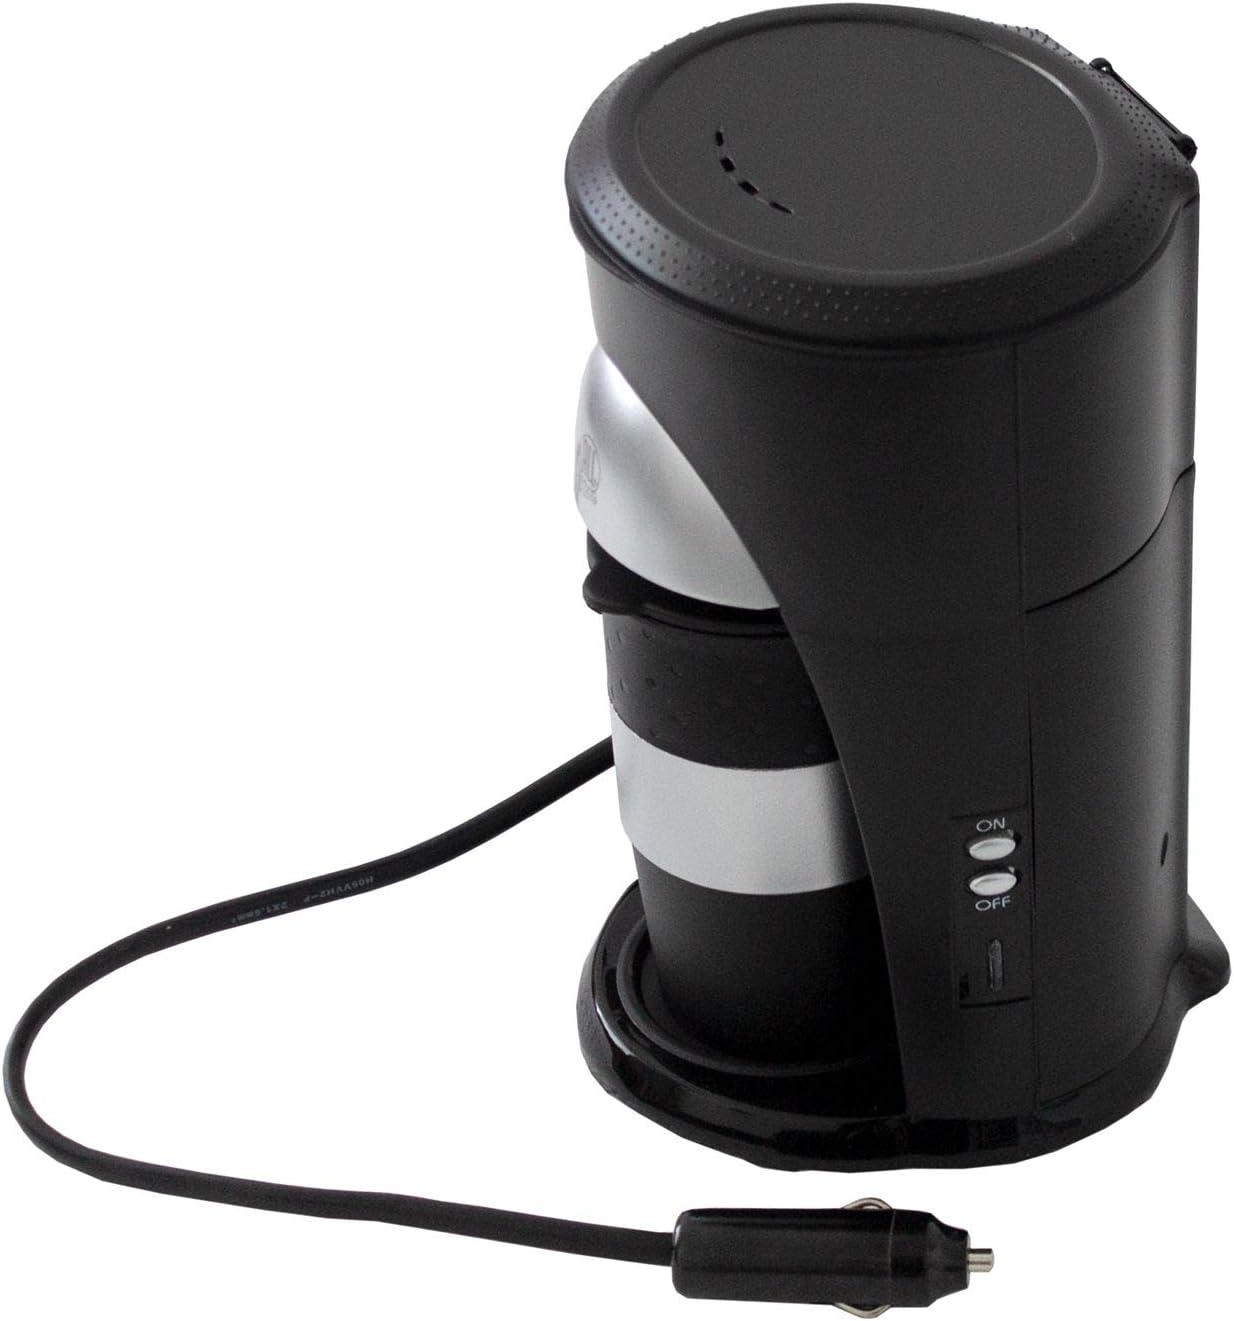 MULTISTORE 2002 Cafetera con taza de café, 24 V / 300 W, conexión para encendedor del coche, máquina de café de viaje, camión, barco o caravana